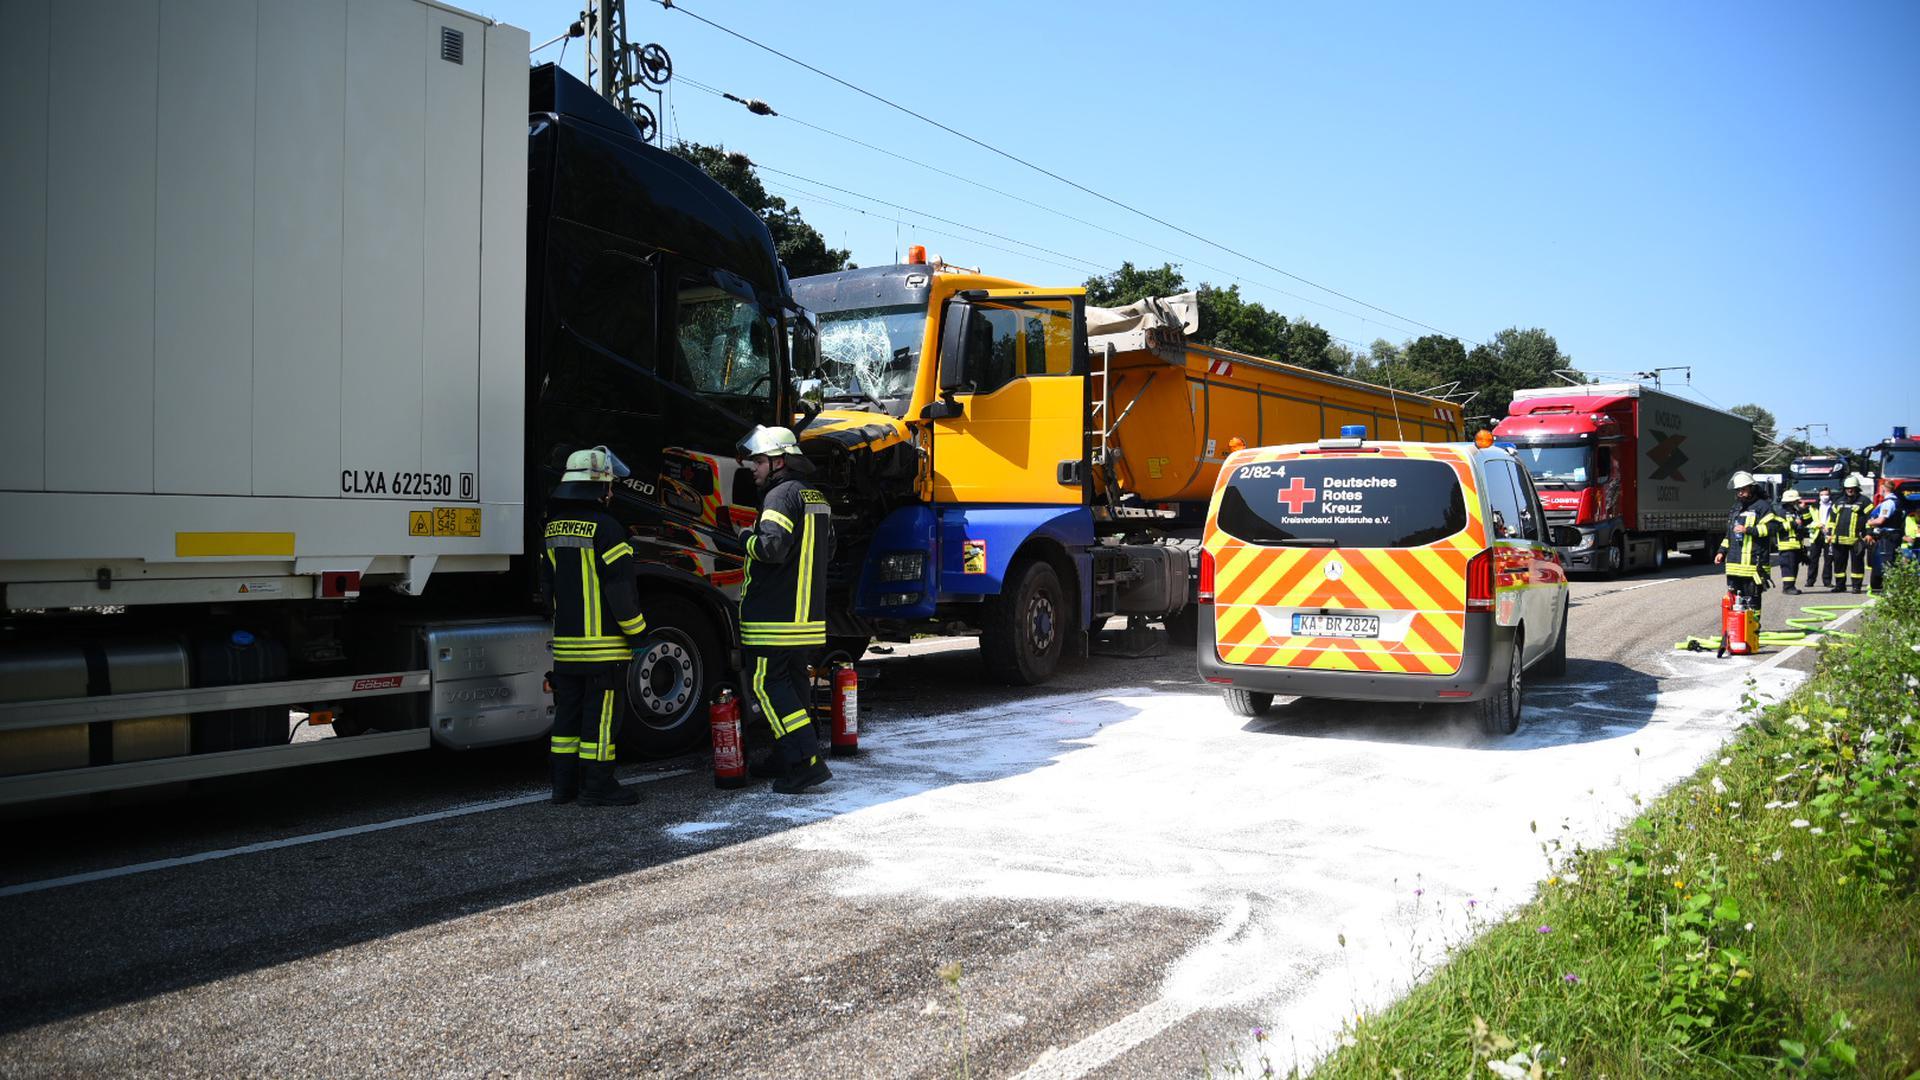 Frontalzusammenstoß: Zwei Lkw prallten auf der L560 zwischen Waghäusel und Neulußheim aufeinander. Die Straße war für die Rettungsarbeiten bis zum Abend voll gesperrt.